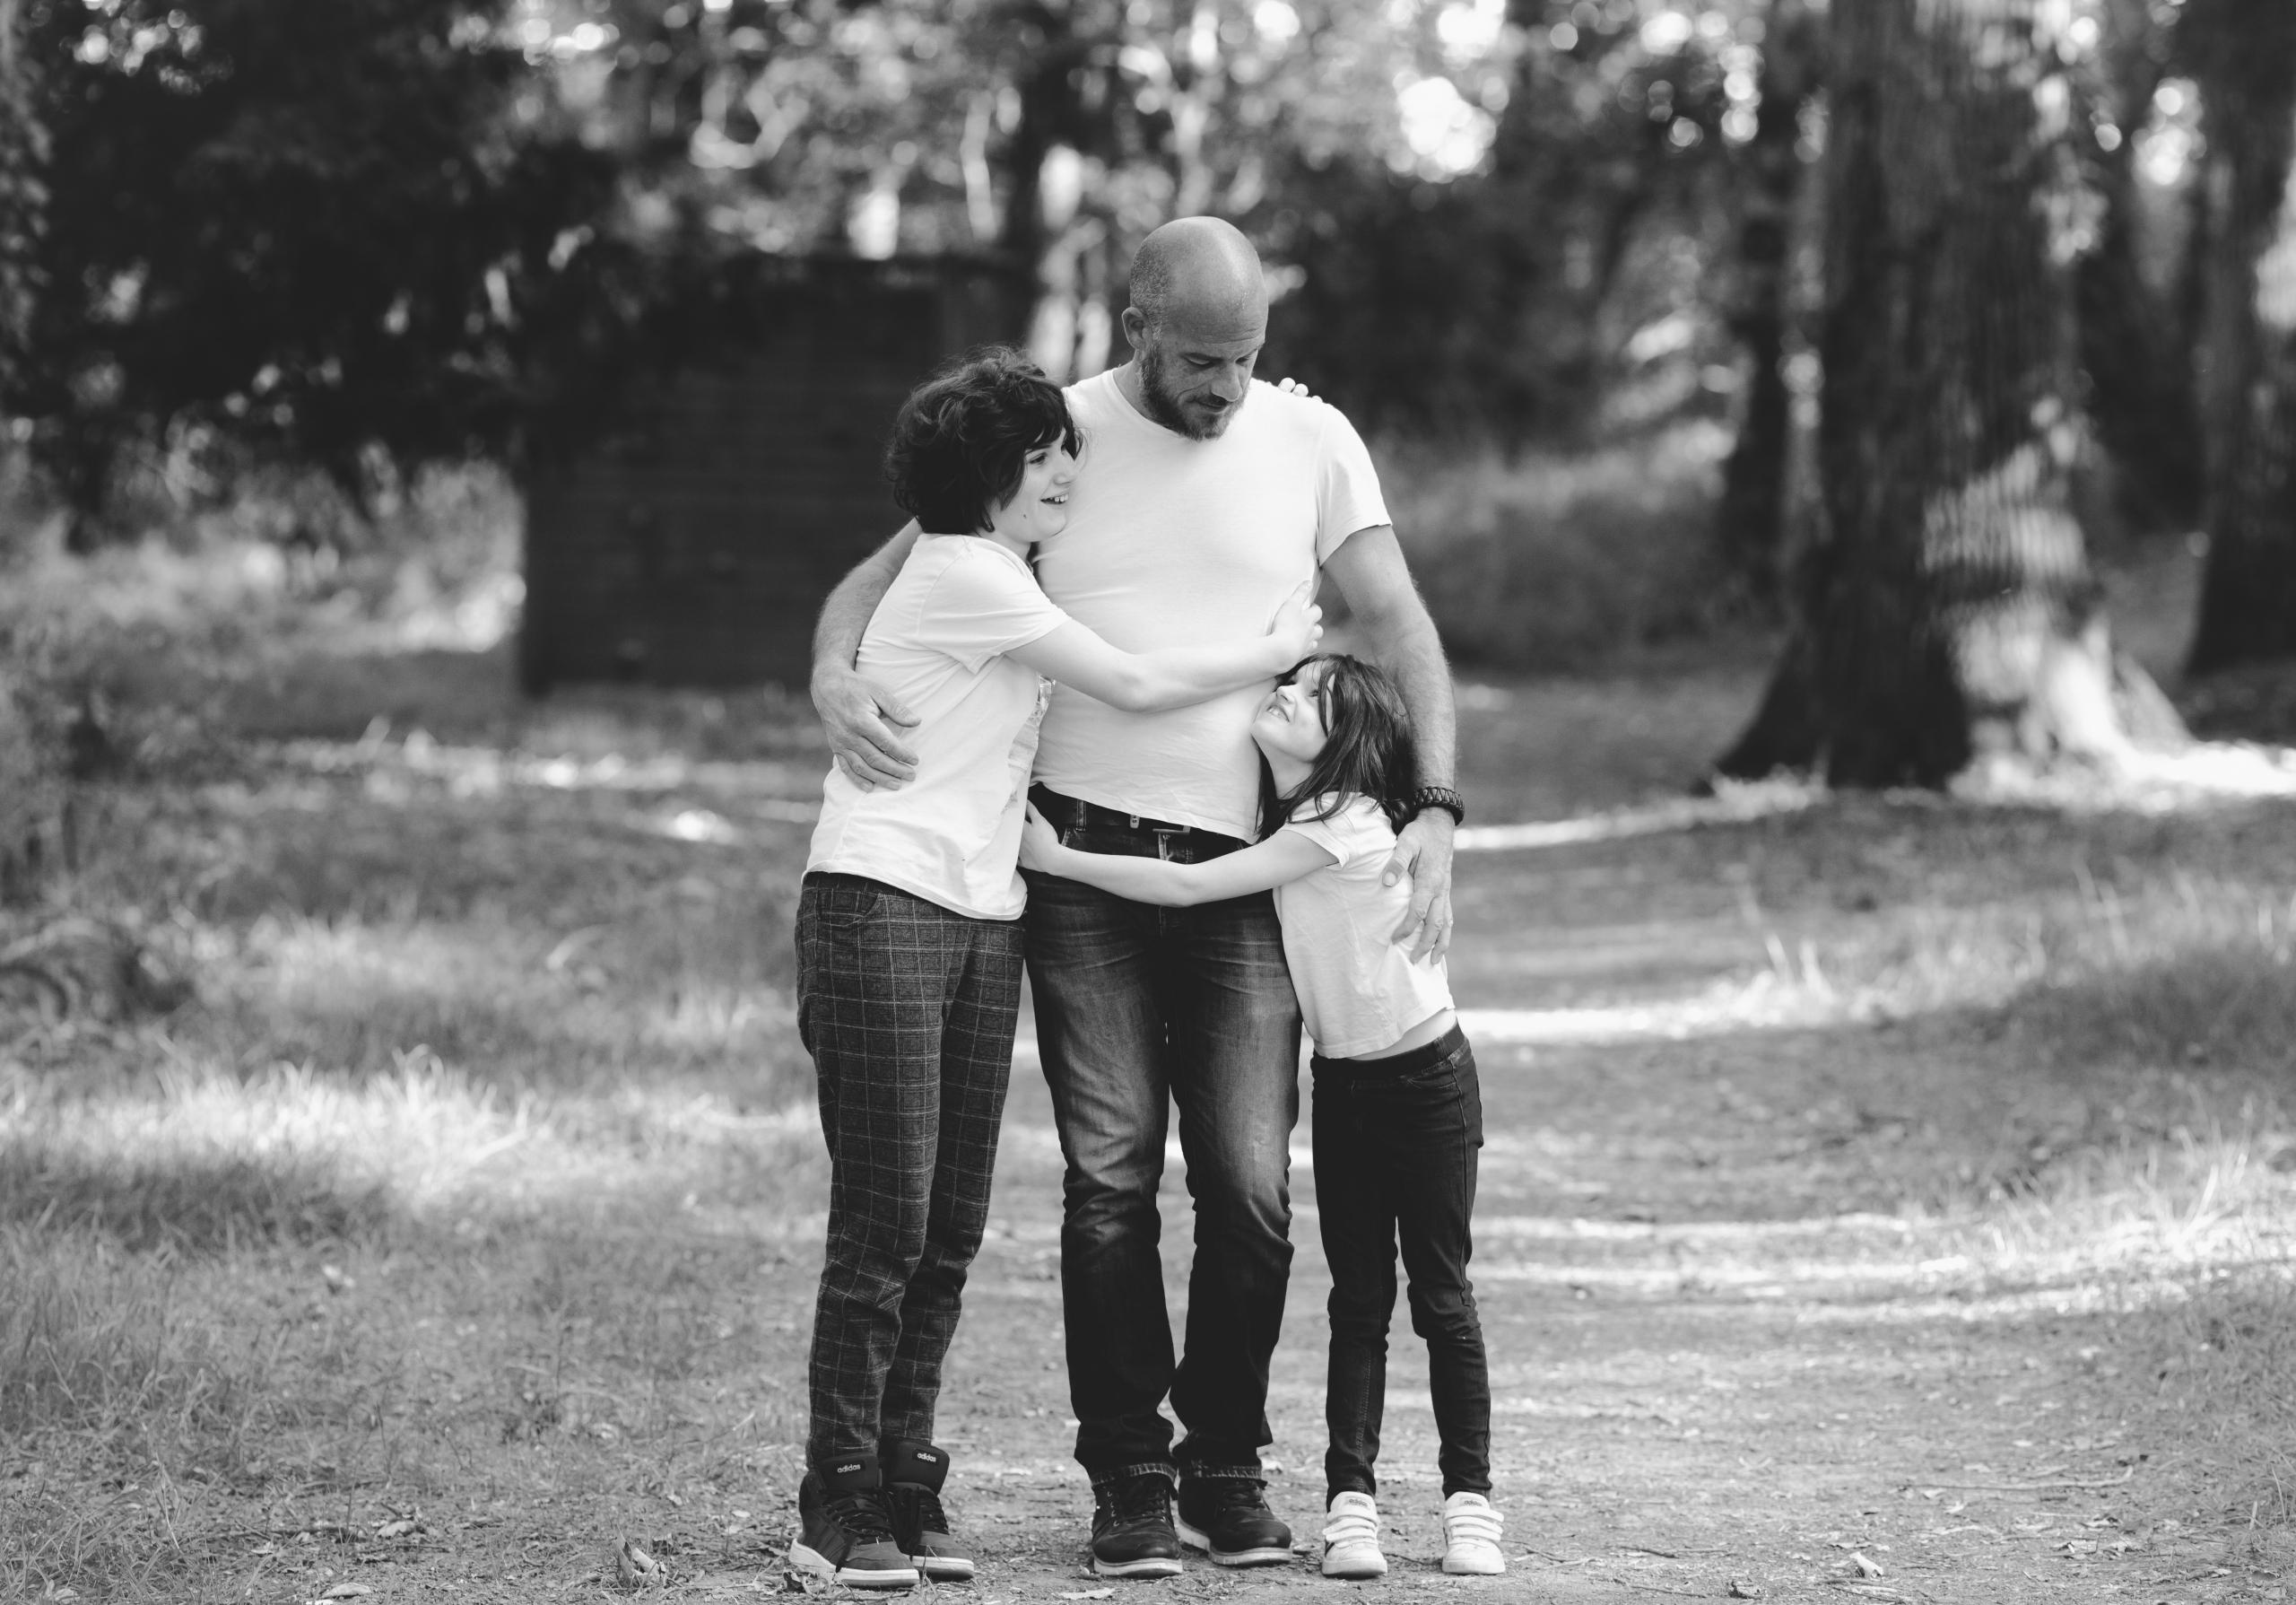 séance Famille - nantes